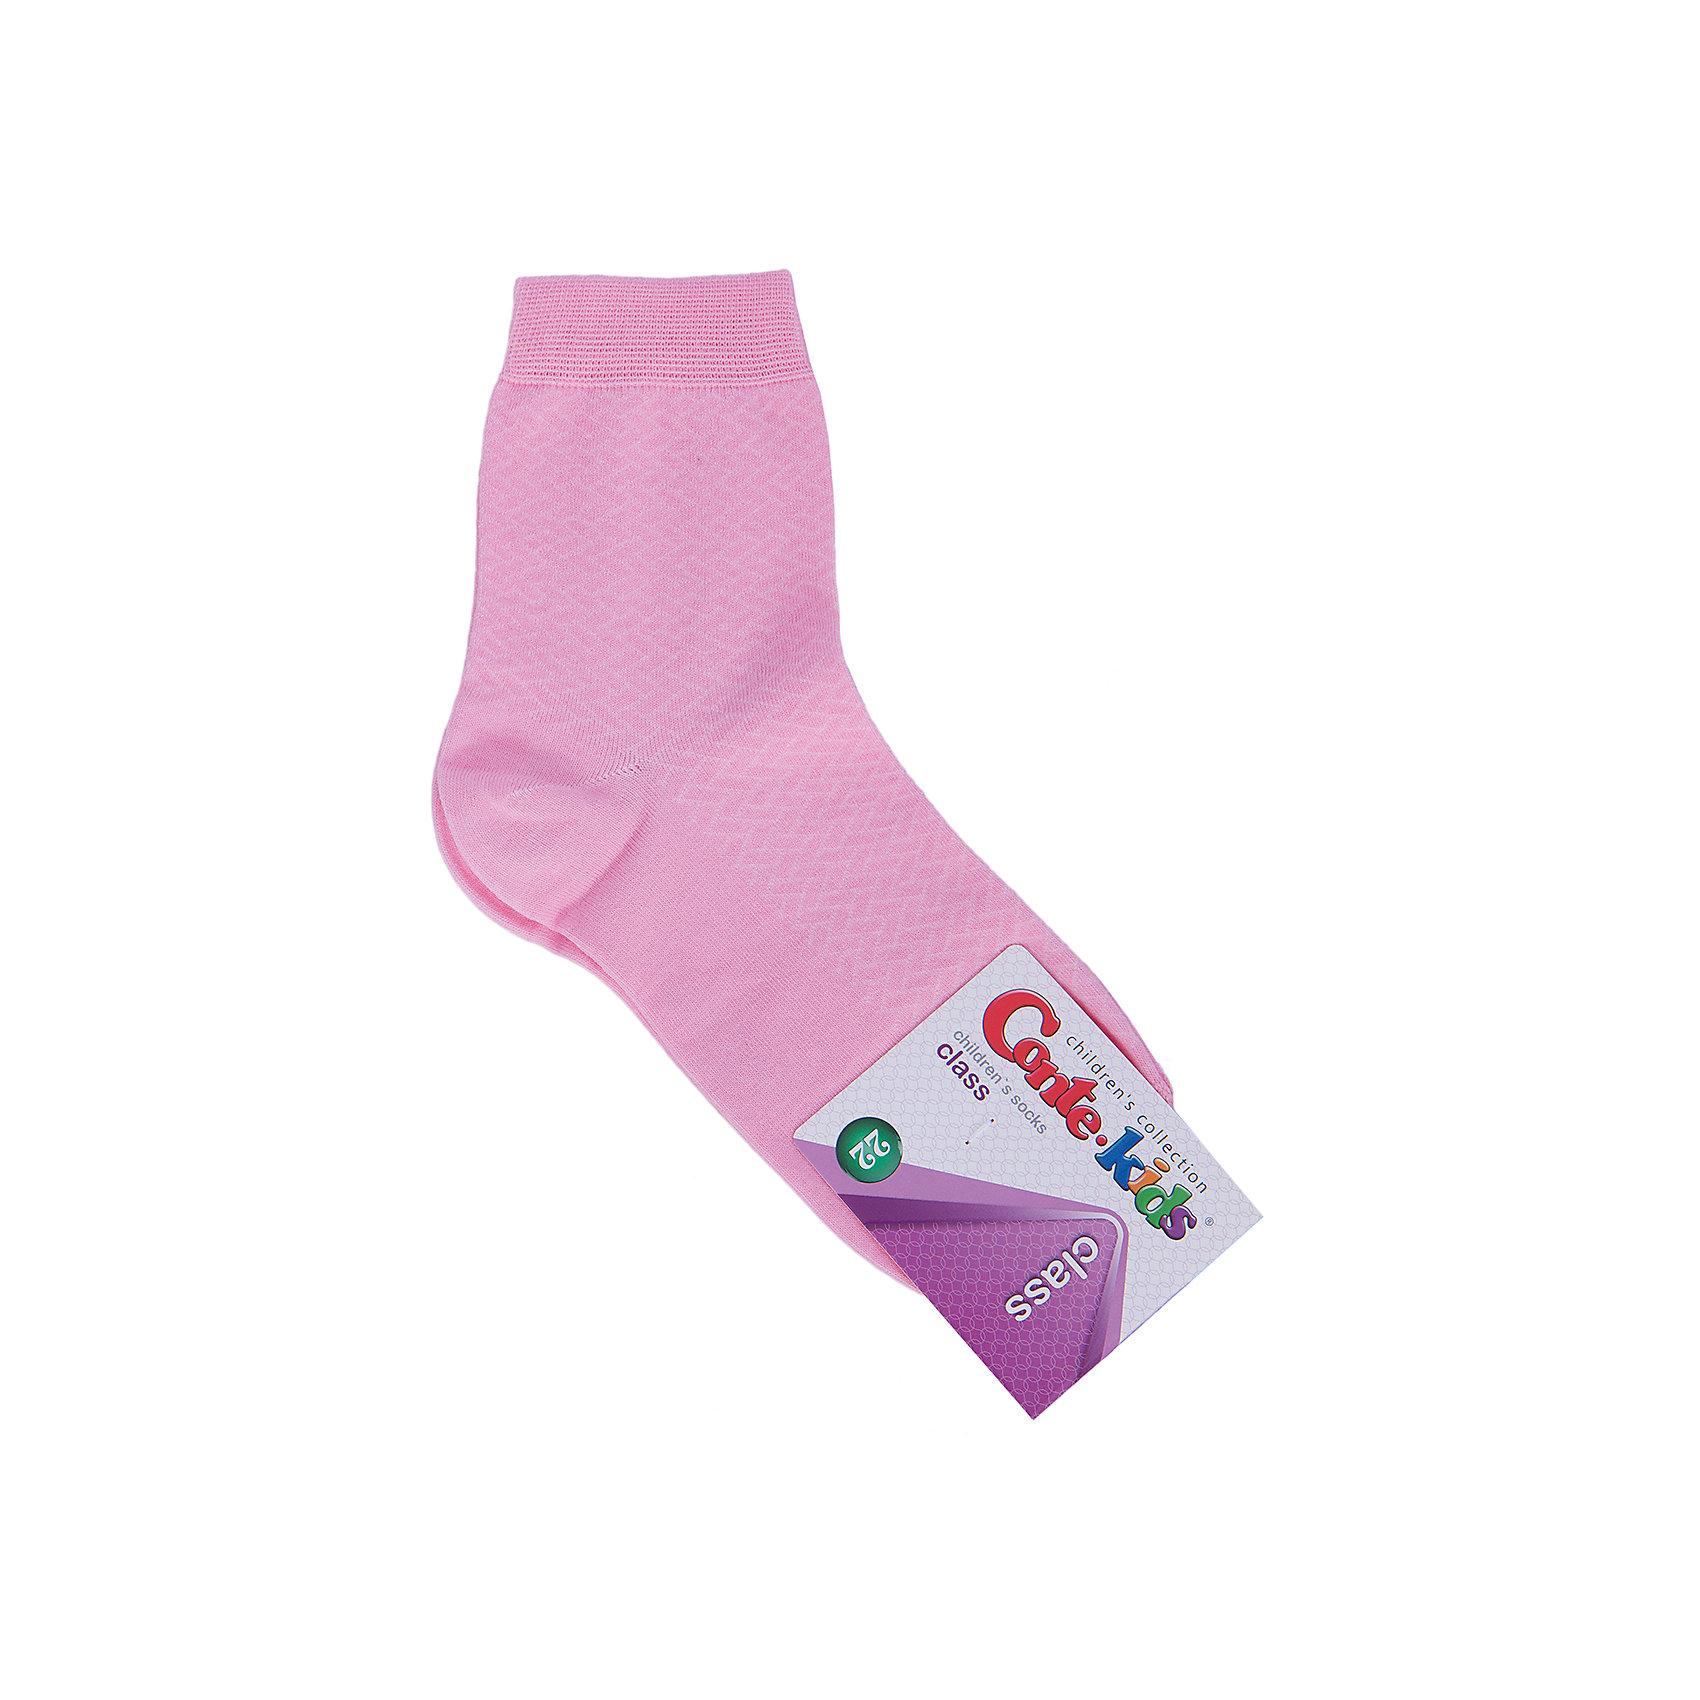 Носки для девочки Conte-kidsНоски<br>Детские носки известной марки Conte-kids.<br>- Мягкие,  эластичные,  удобные и практичные.<br>- От белорусского производителя. <br>- Для девочек и мальчиков. <br><br>Состав: 50% - хлопок, 47,2% - полиамид, 2,8% - эластан.<br><br>Ширина мм: 87<br>Глубина мм: 10<br>Высота мм: 105<br>Вес г: 115<br>Цвет: розовый<br>Возраст от месяцев: 96<br>Возраст до месяцев: 108<br>Пол: Женский<br>Возраст: Детский<br>Размер: 22<br>SKU: 4830292